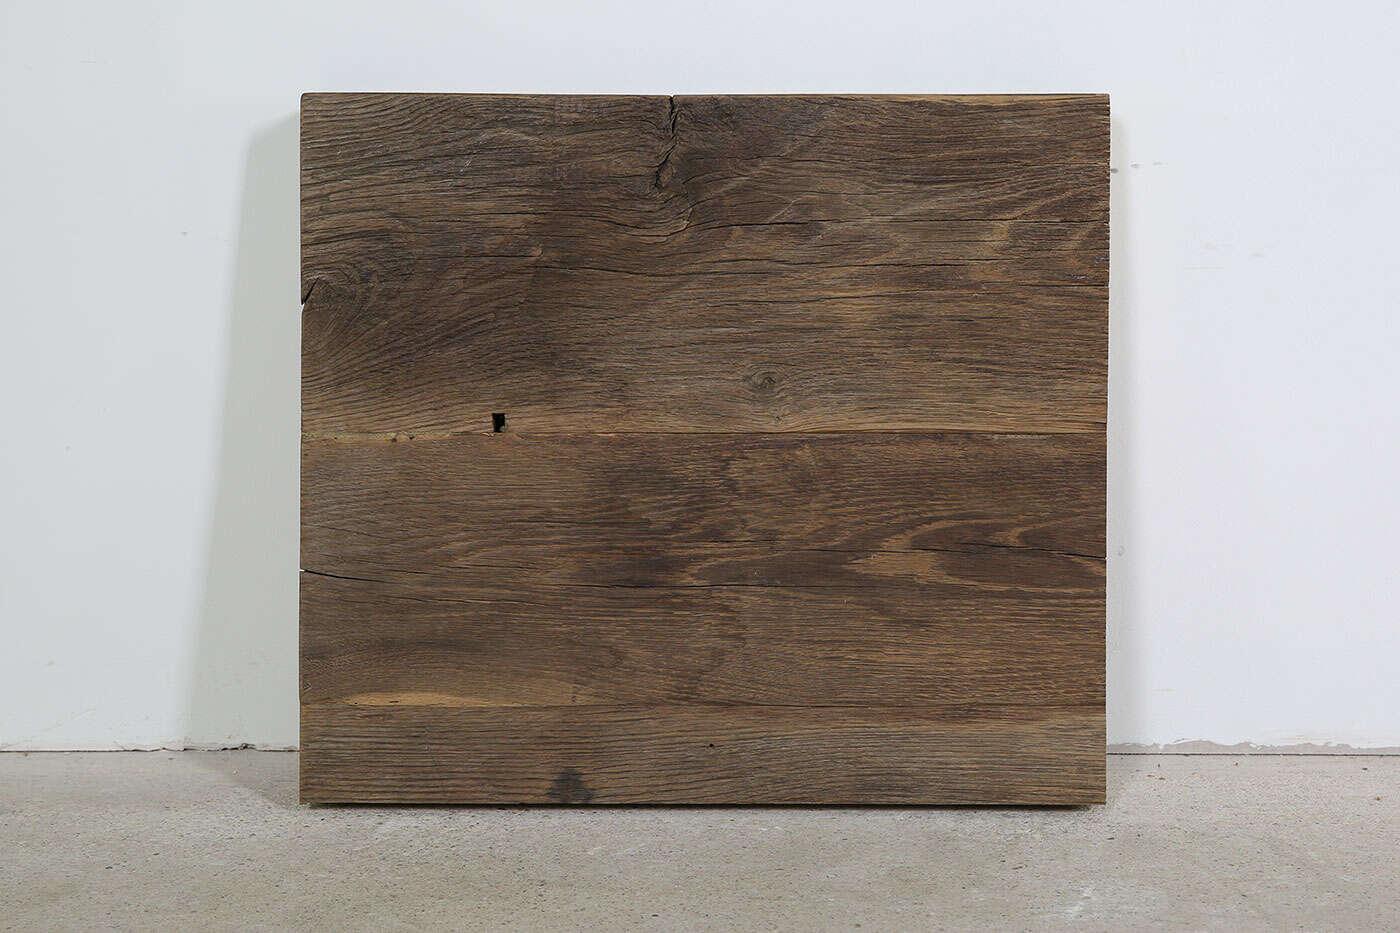 Tischplatte Alteiche gebürstet 56 x 49 x 6cm